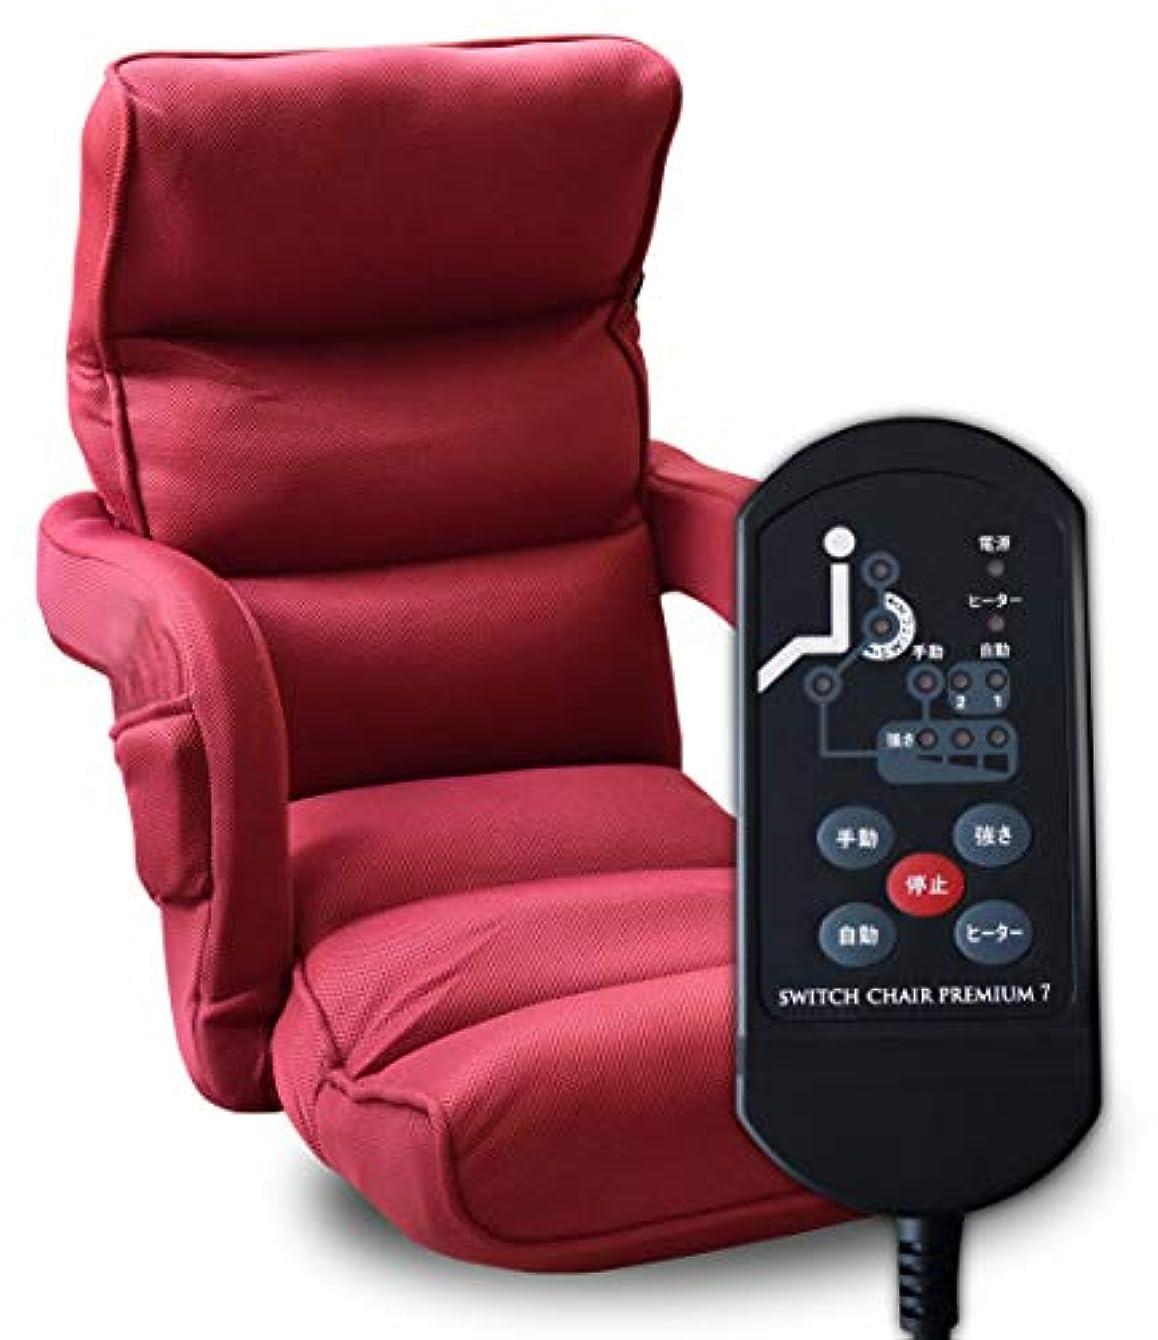 トマト中絶メタルラインSWITCH CHAIR PREMIUM 7 マッサージ器 マッサージ機 肘掛け付き座椅子 マッサージ ヒーター 首 肩 腰 肩こり 背中 マッサージチェア ビクトリアンローズ